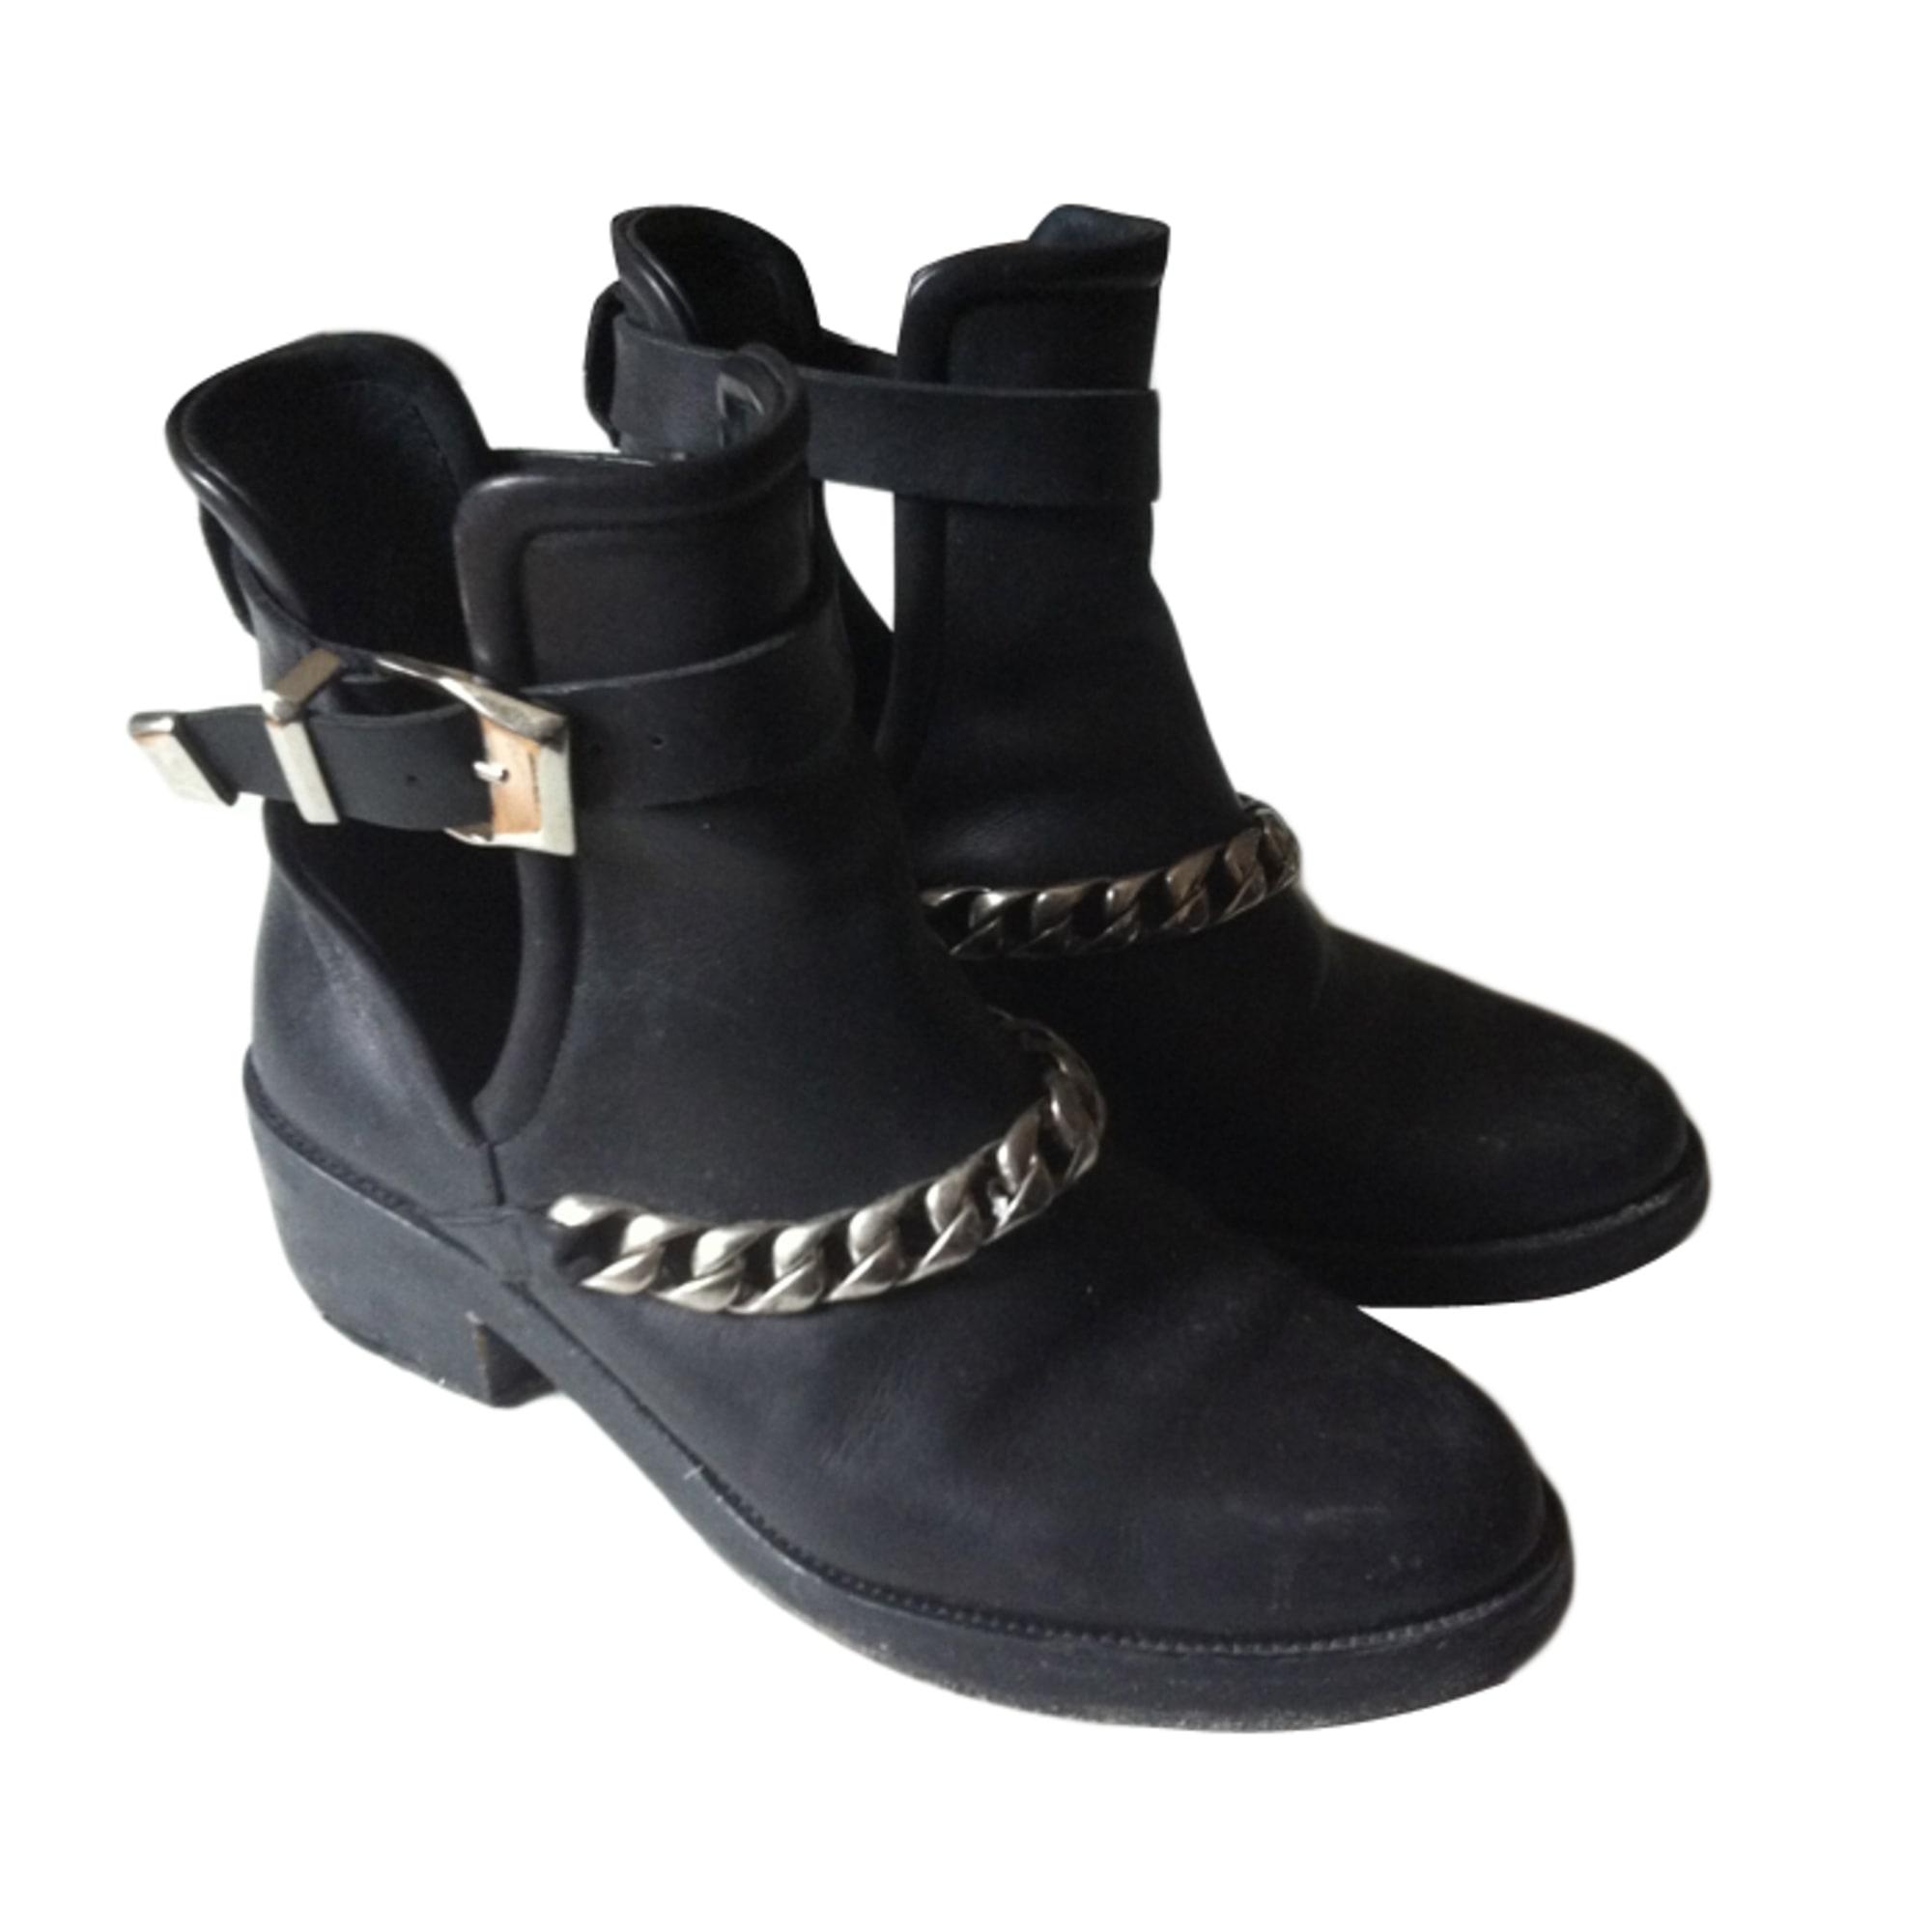 grande vente au rabais juste prix 100% qualité garantie Bottines & low boots à talons